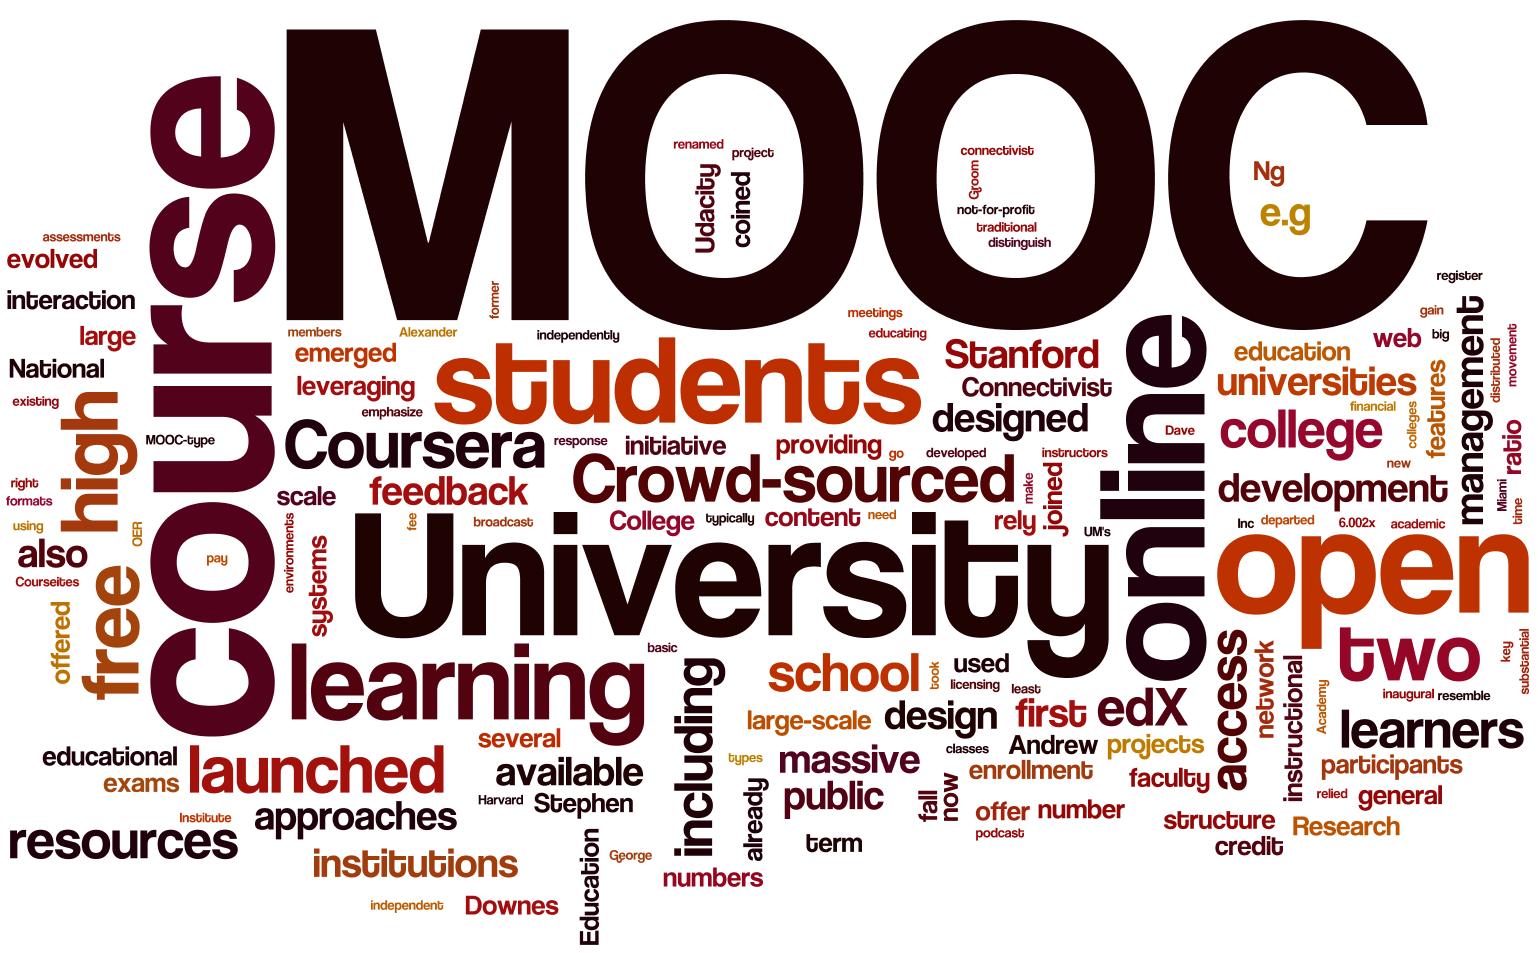 MOOC-logo